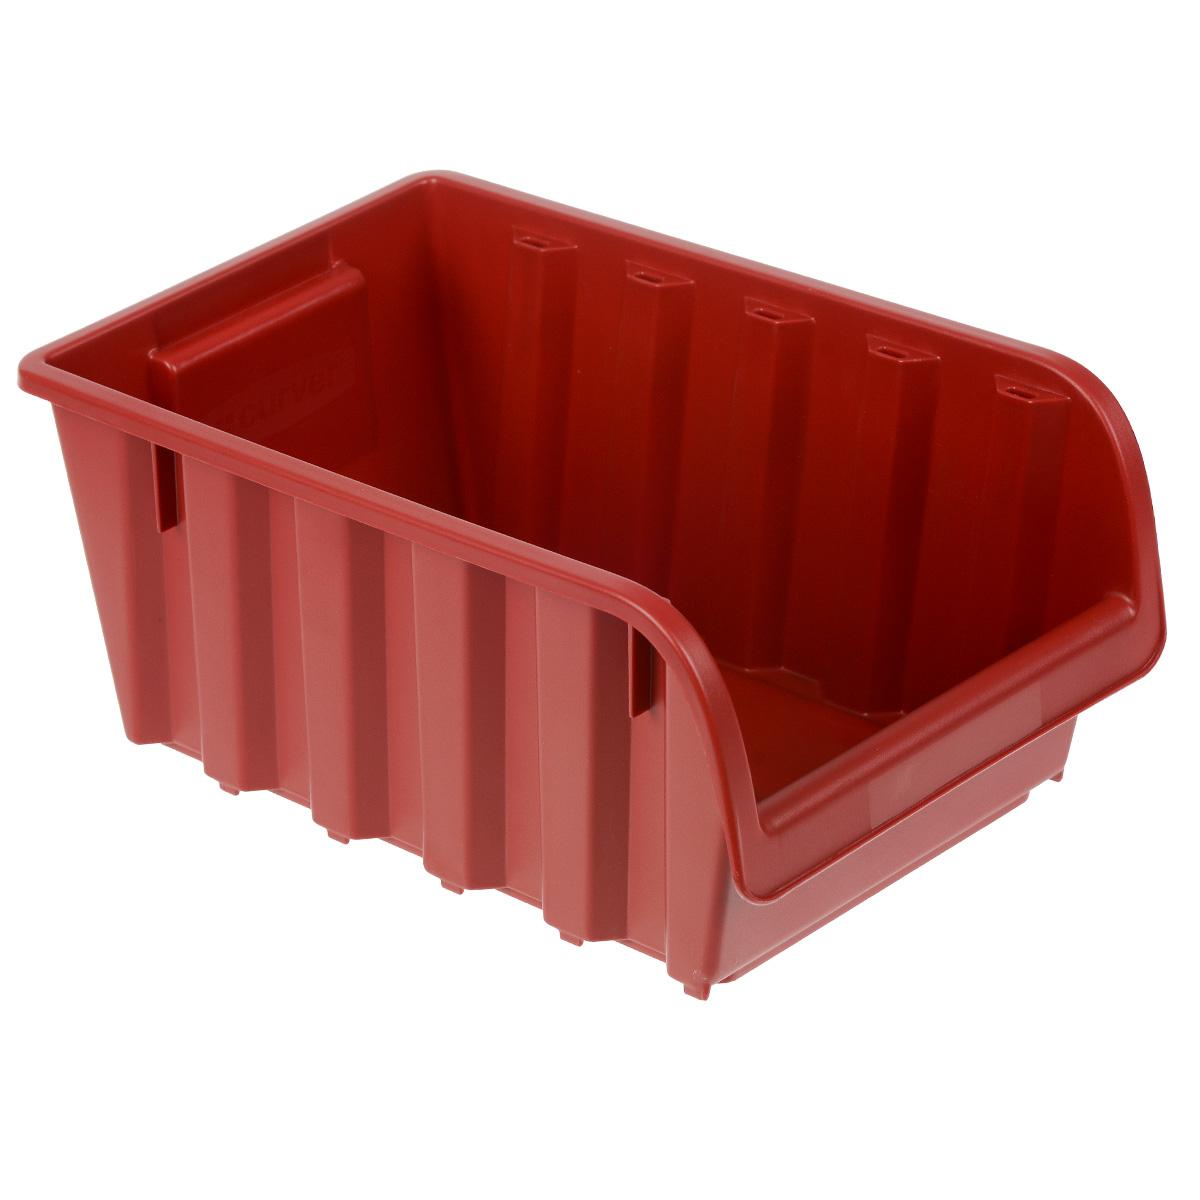 Емкость складская Curver Profi №5, цвет: красный, 34 х 20 х 15,5 см25051 7_желтыйЕмкость Curver Profi №5 выполнена из высококачественного пластика и предназначена для хранения инструментов и различных складских мелочей, таких как гвозди, болты, гайки. Удобная конструкция изделия позволяет без труда достать из емкости нужную вещь. Емкость Curver Profi №5 будет незаменимой дома, на даче или в гараже.